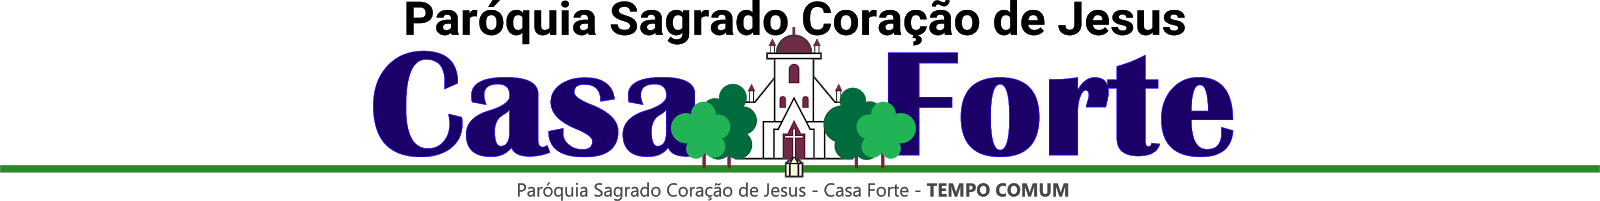 Paroquia de Casa Forte